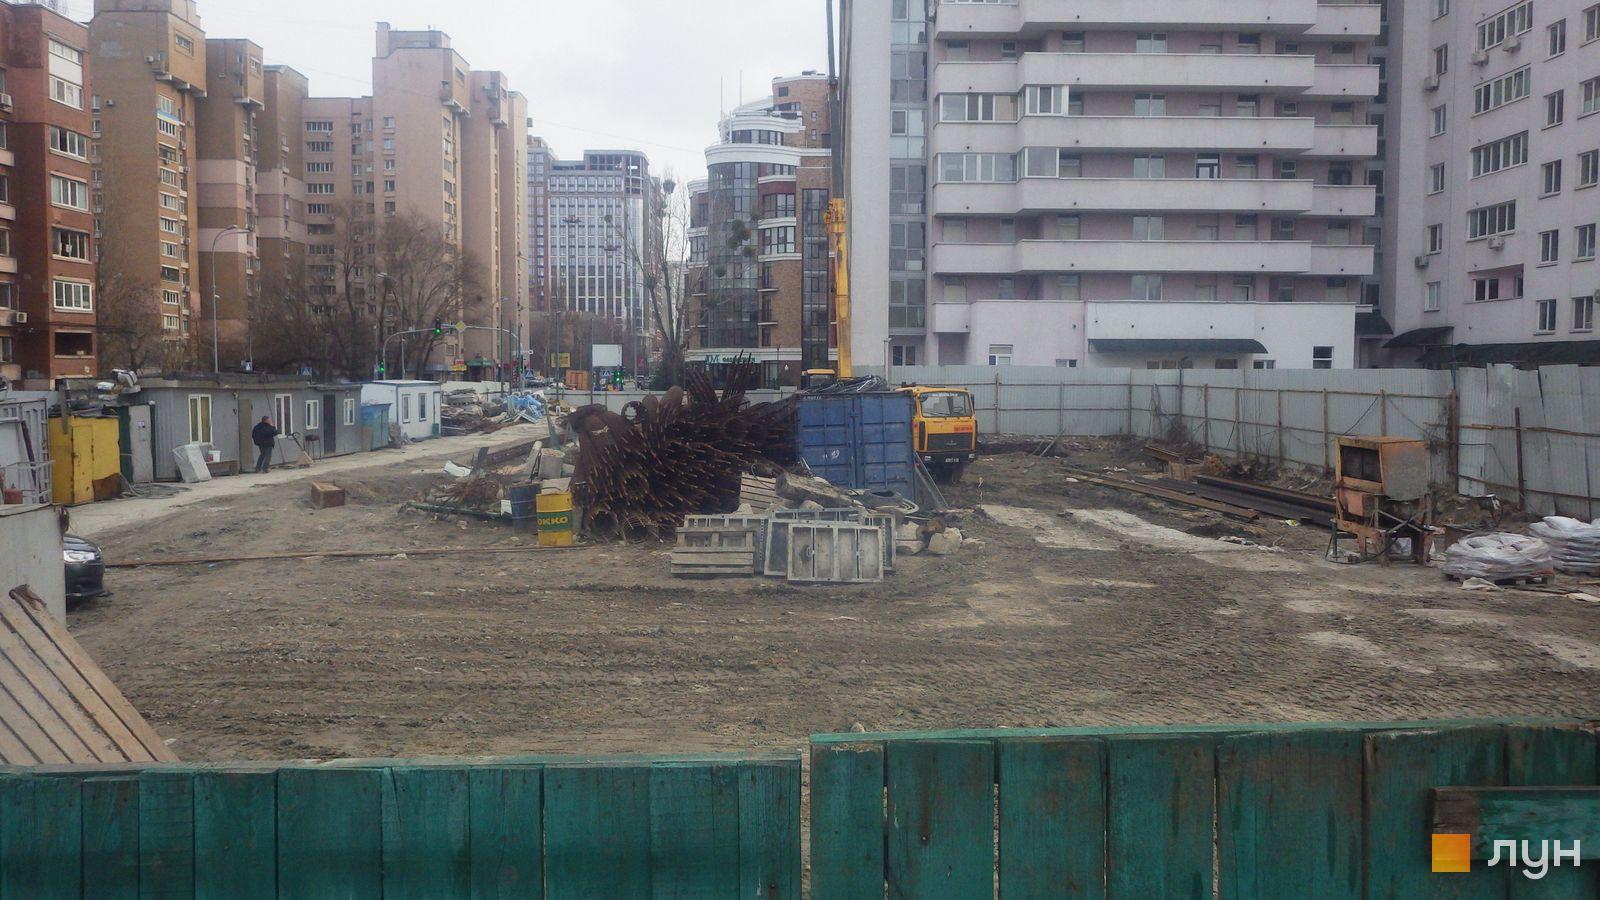 Ход строительства ул. Казимира Малевича, 44, 46, , февраль 2020